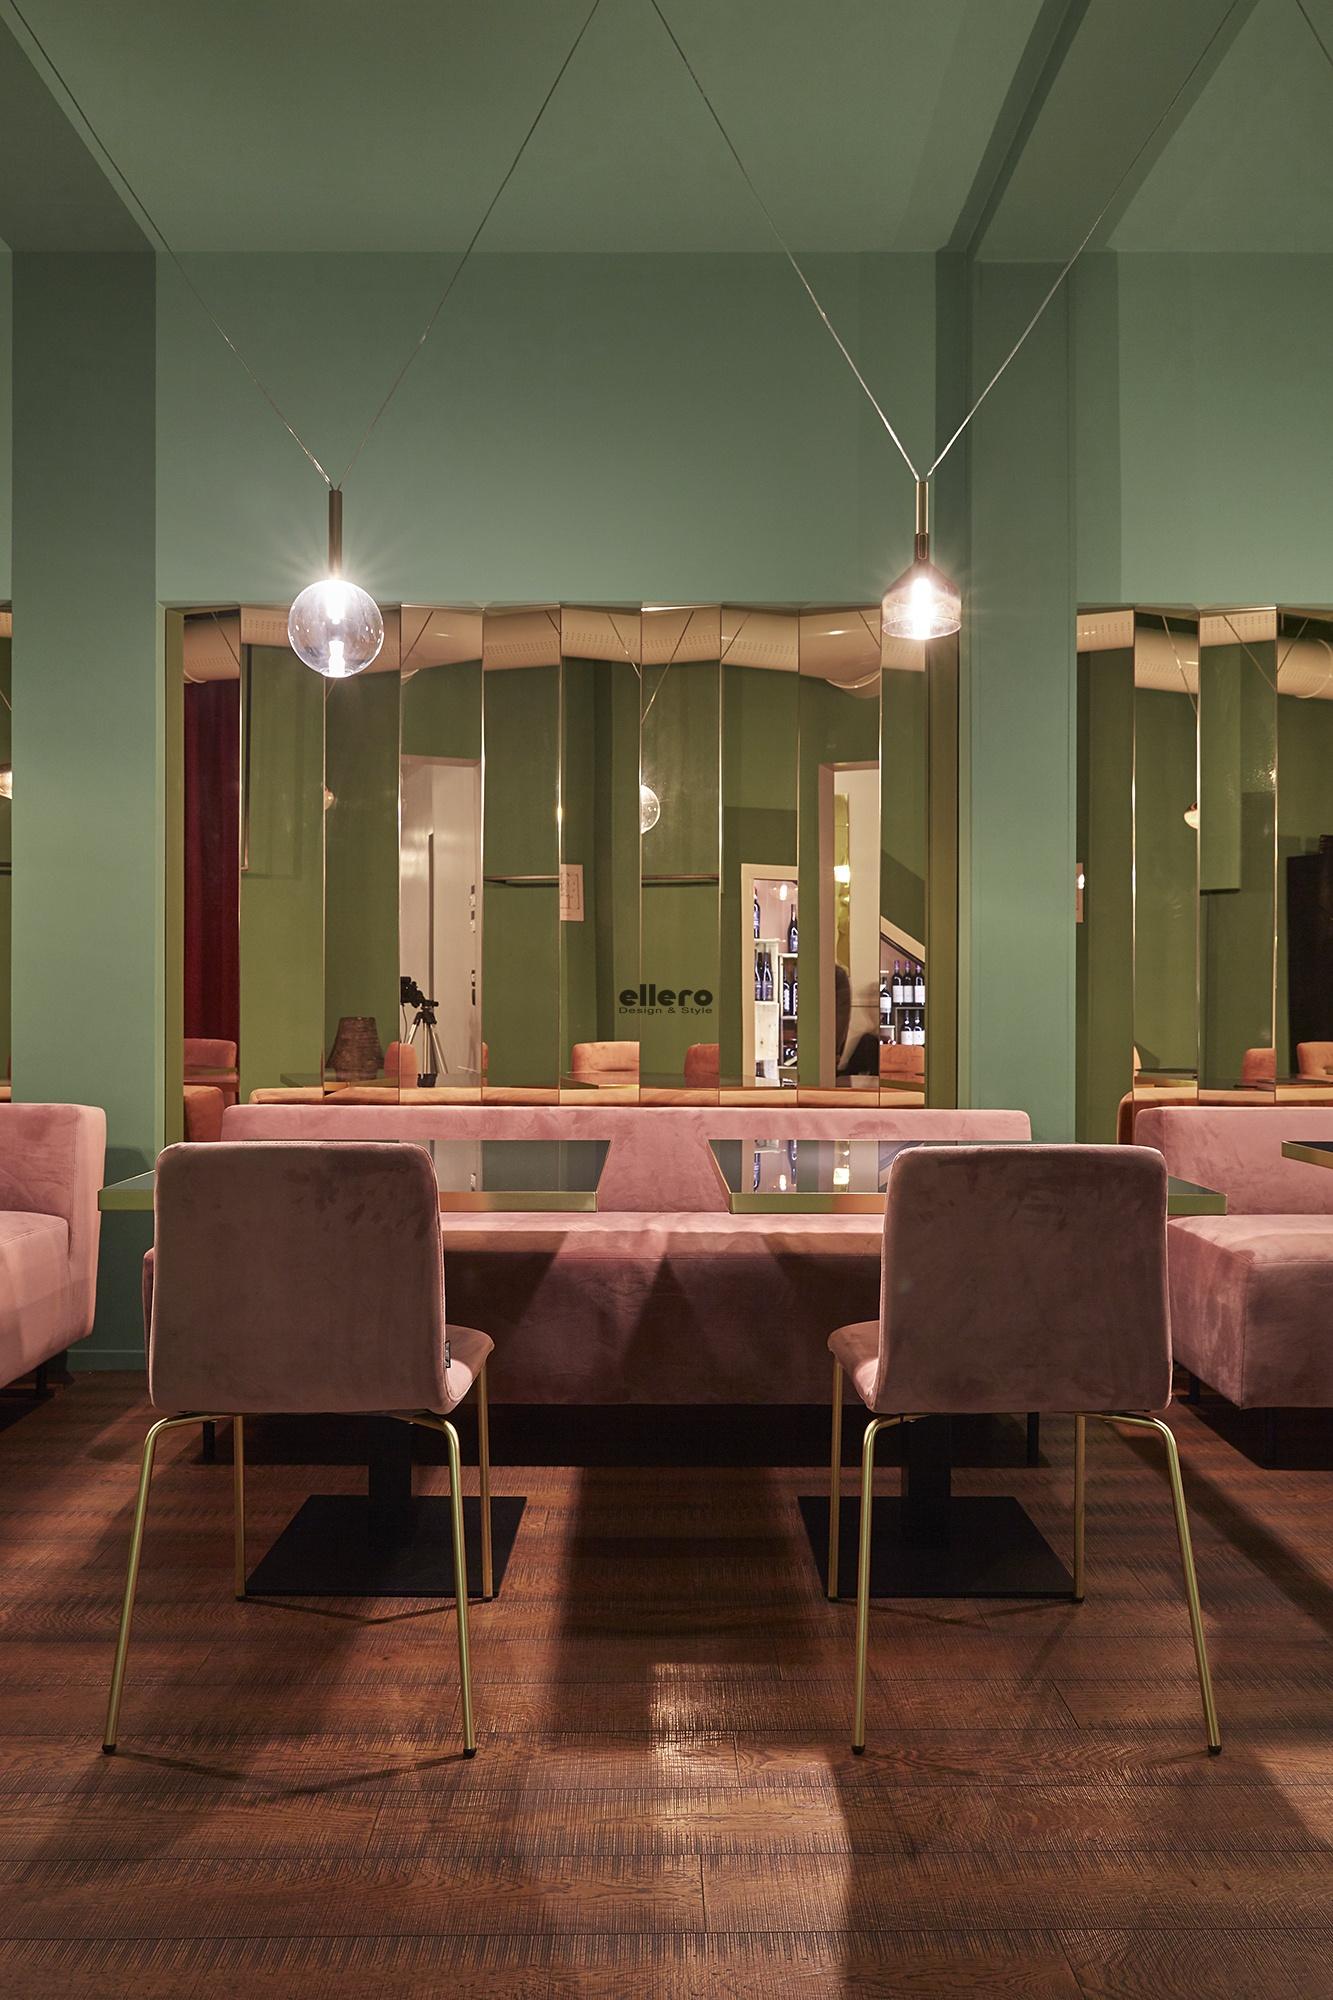 Ristorante_Castelli_In_Aria_Castelfranco_Veneto_Italia-Credits_Studio_Architetto_Stocco_General_Concractor_Sagax_Contract-Alice_Pop_chair